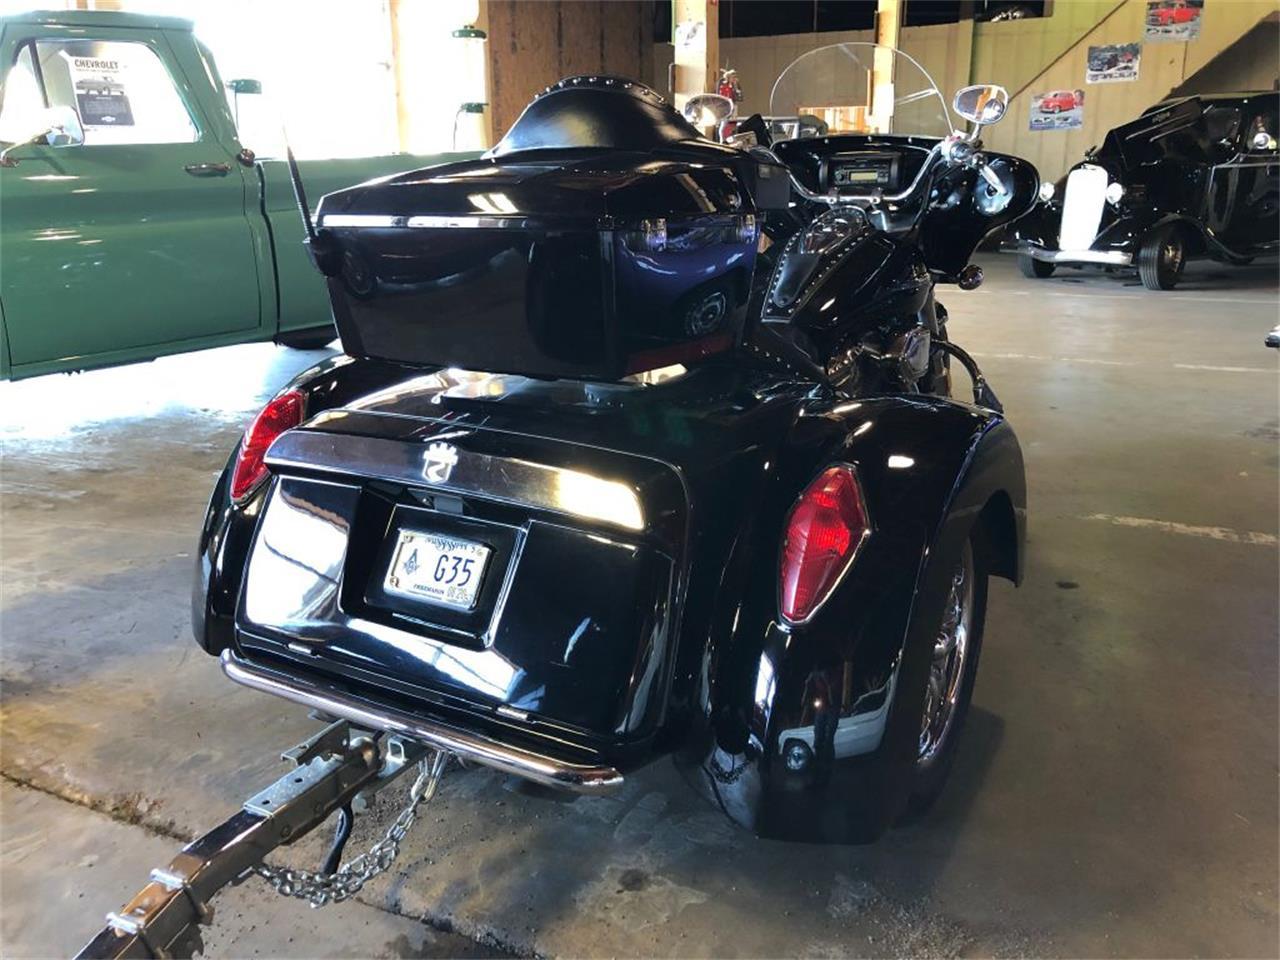 2007 Honda VTX1800 (CC-1295856) for sale in Batesville, Mississippi